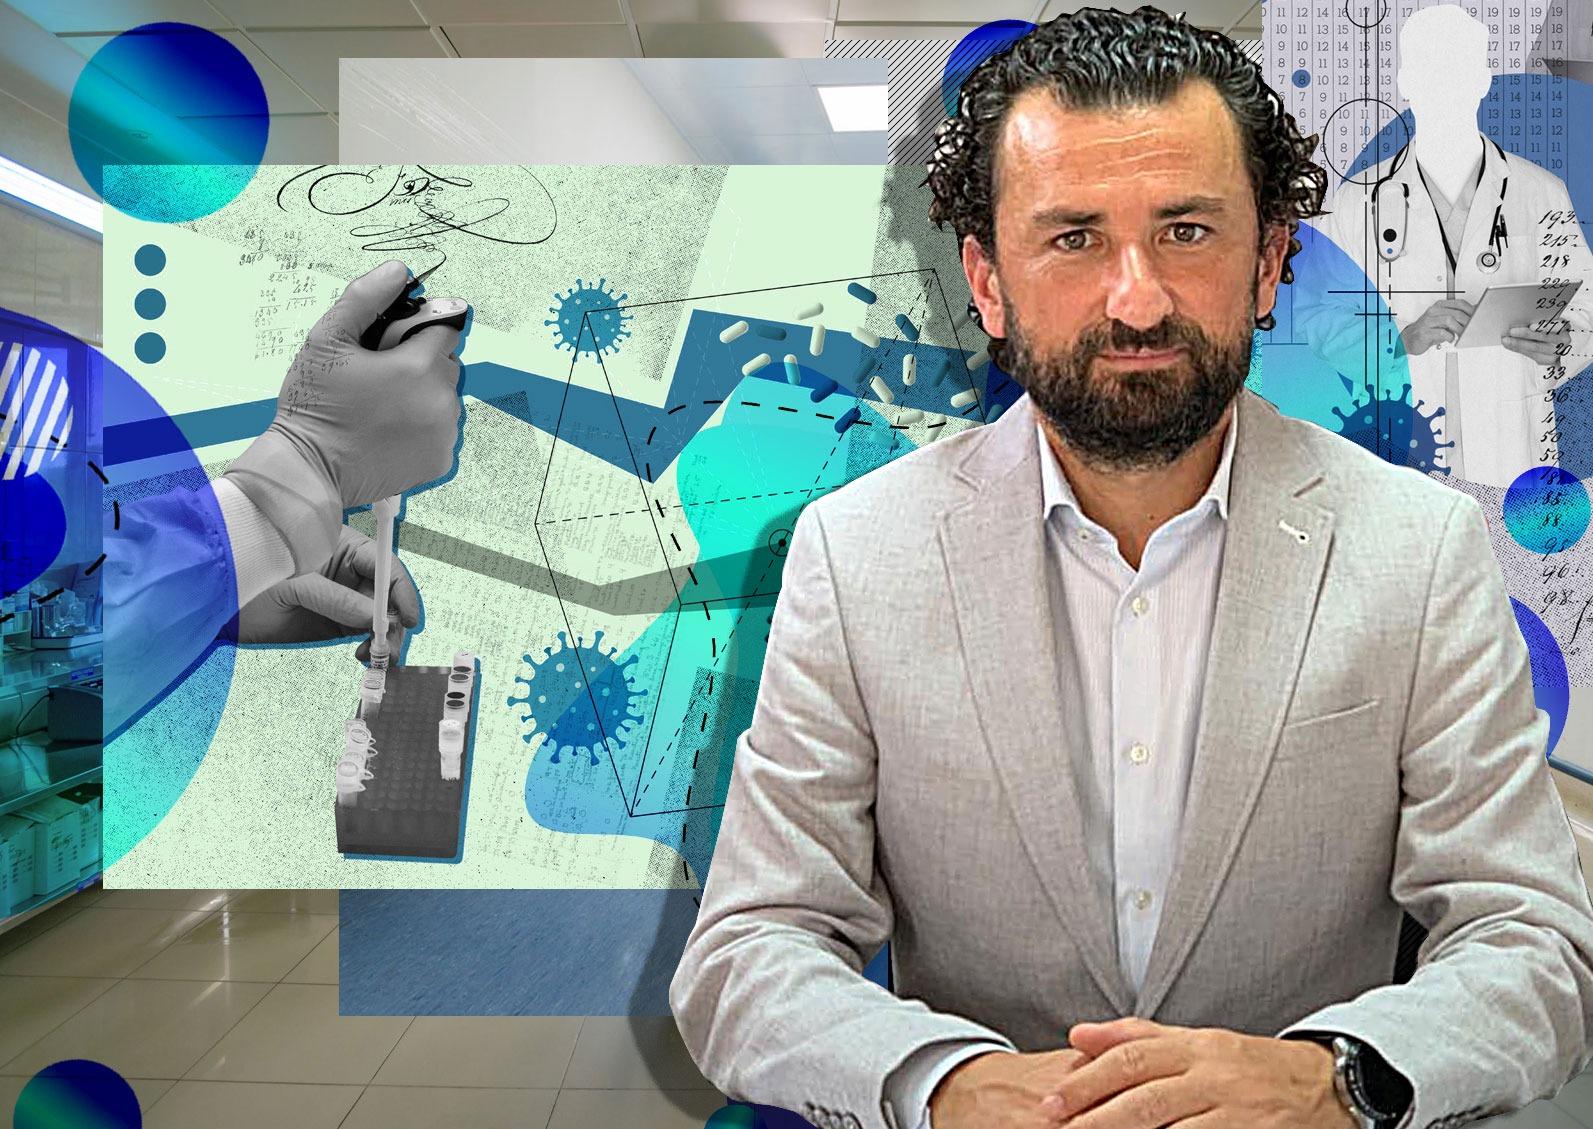 Managerul Spitalului Județean Bacău a avut COVID-19 fără să știe. După mai multe teste negative, o analiză pentru anticorpi